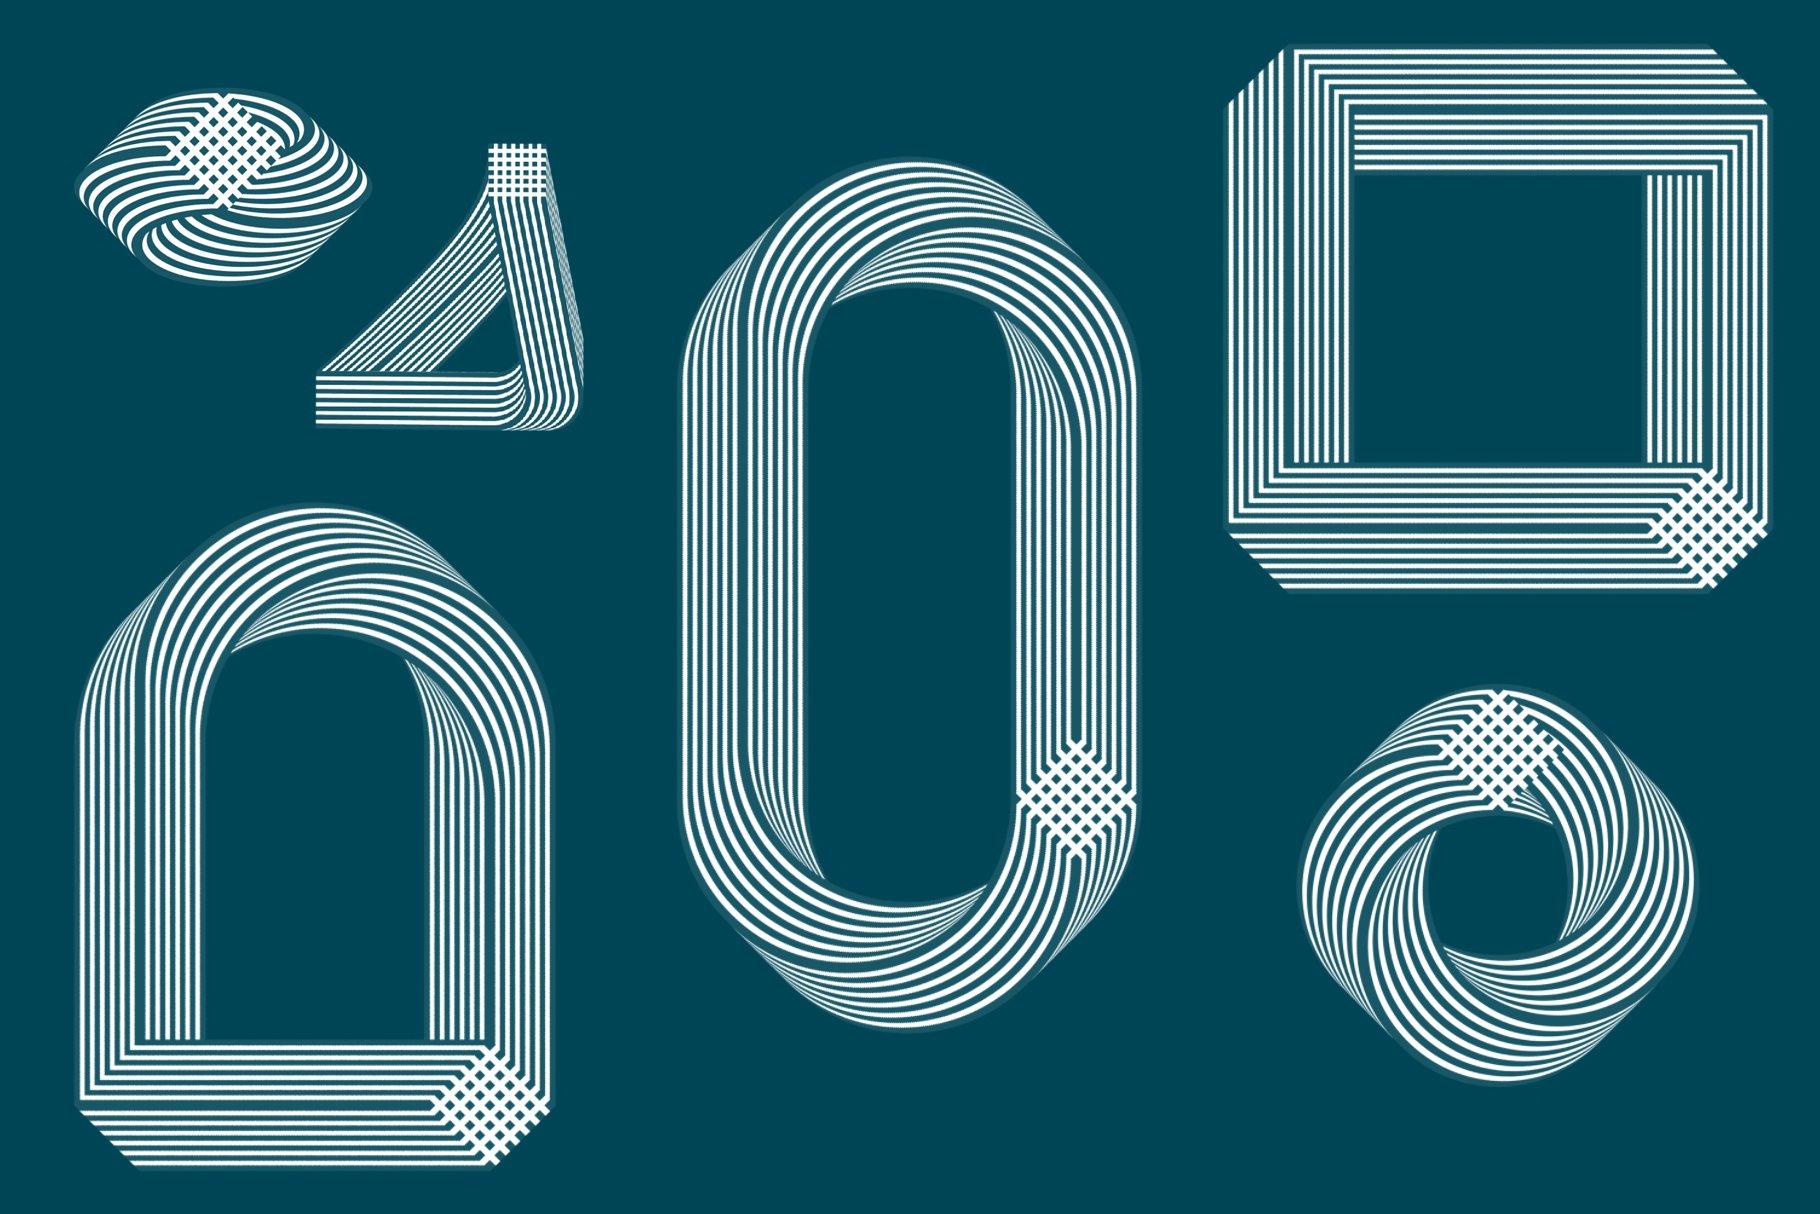 18款抽象错位几何Procreate笔刷素材 Illusion Procreate Stamps插图5